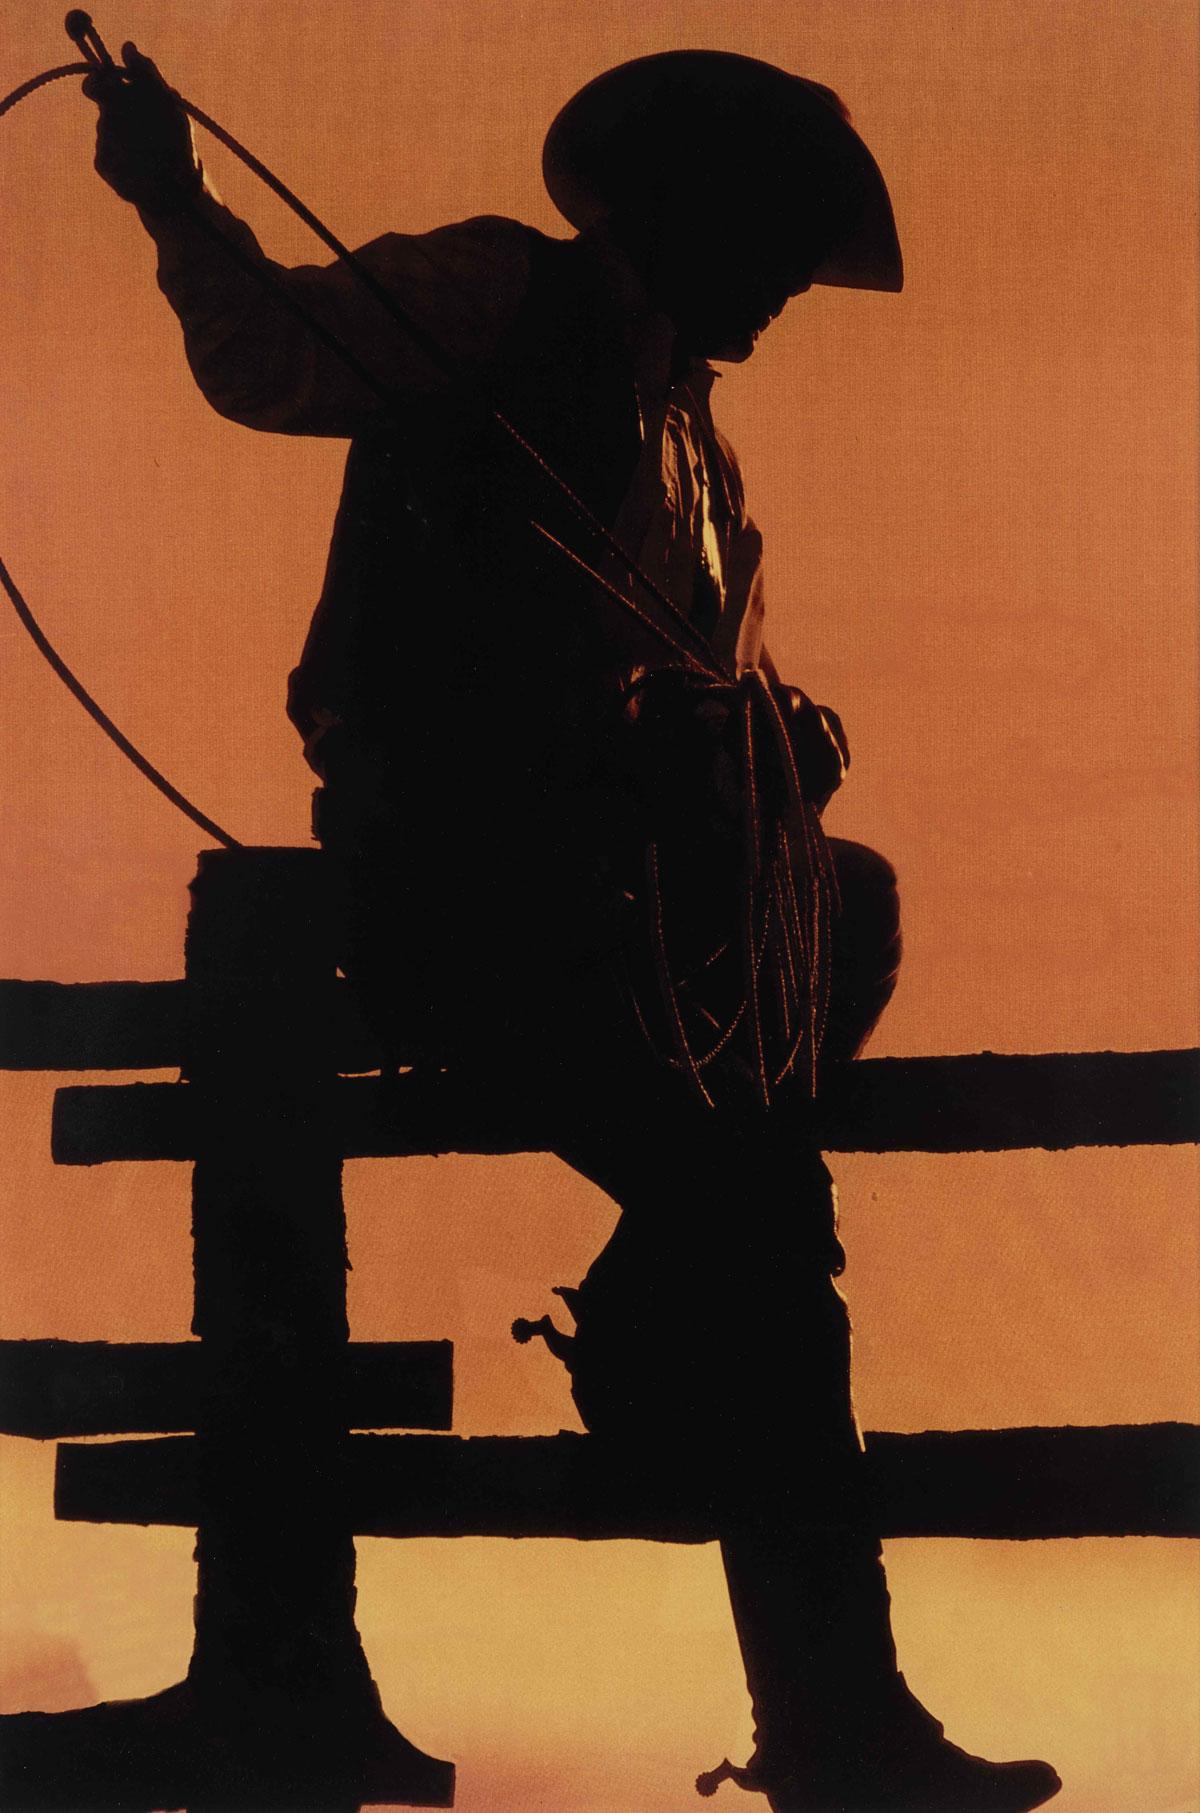 理查・普林斯(Richard Prince)《無題(牛仔)》 2001年作,顯色彩印相片,59.1 x 39.4公分